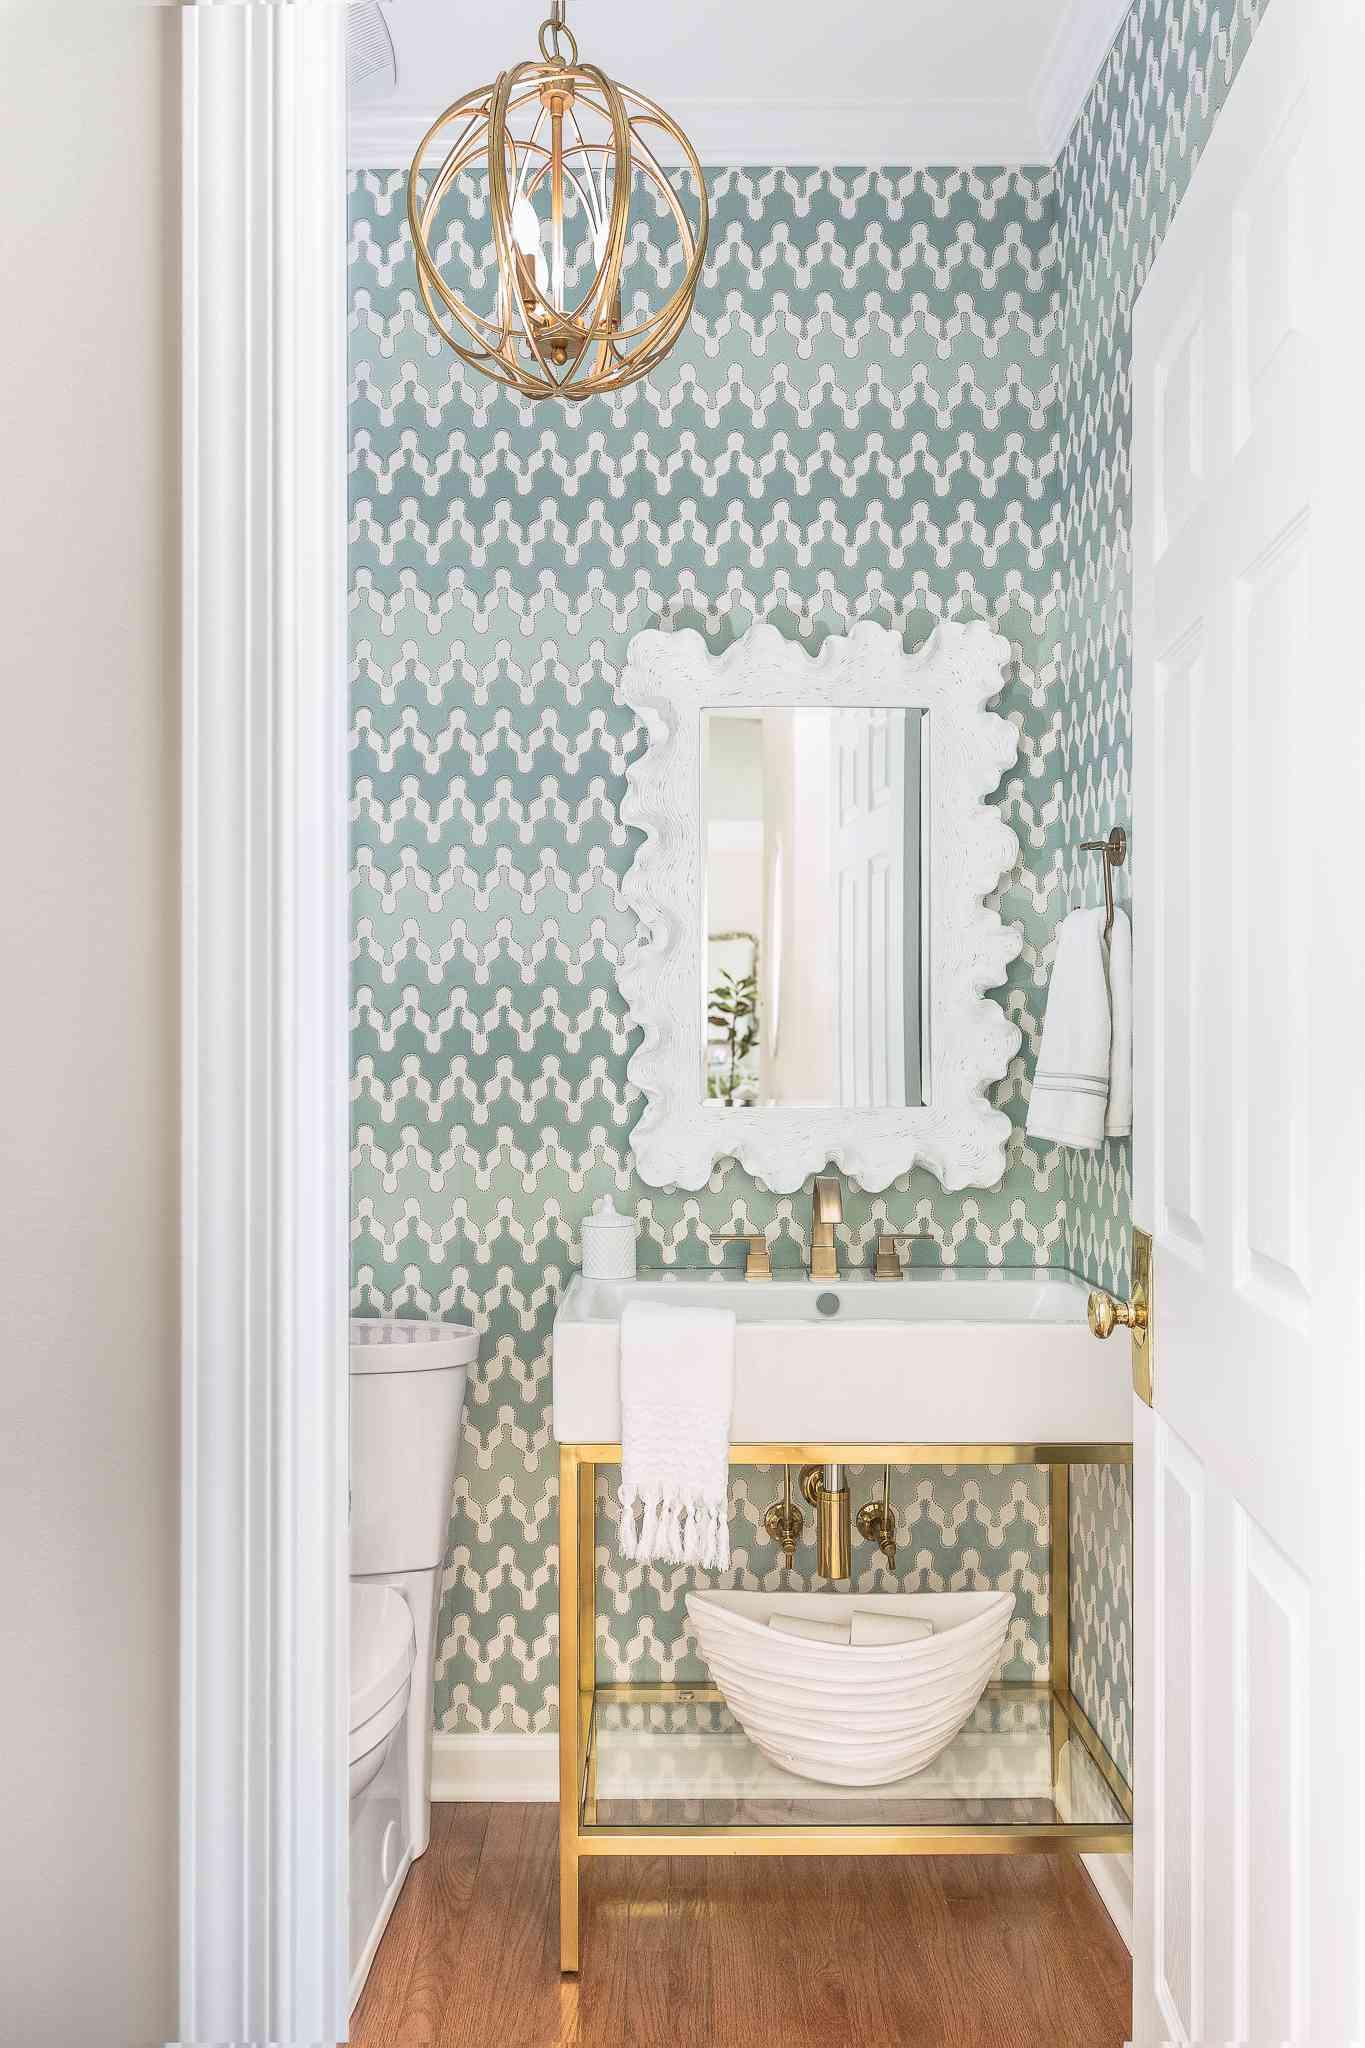 bahtroom designs